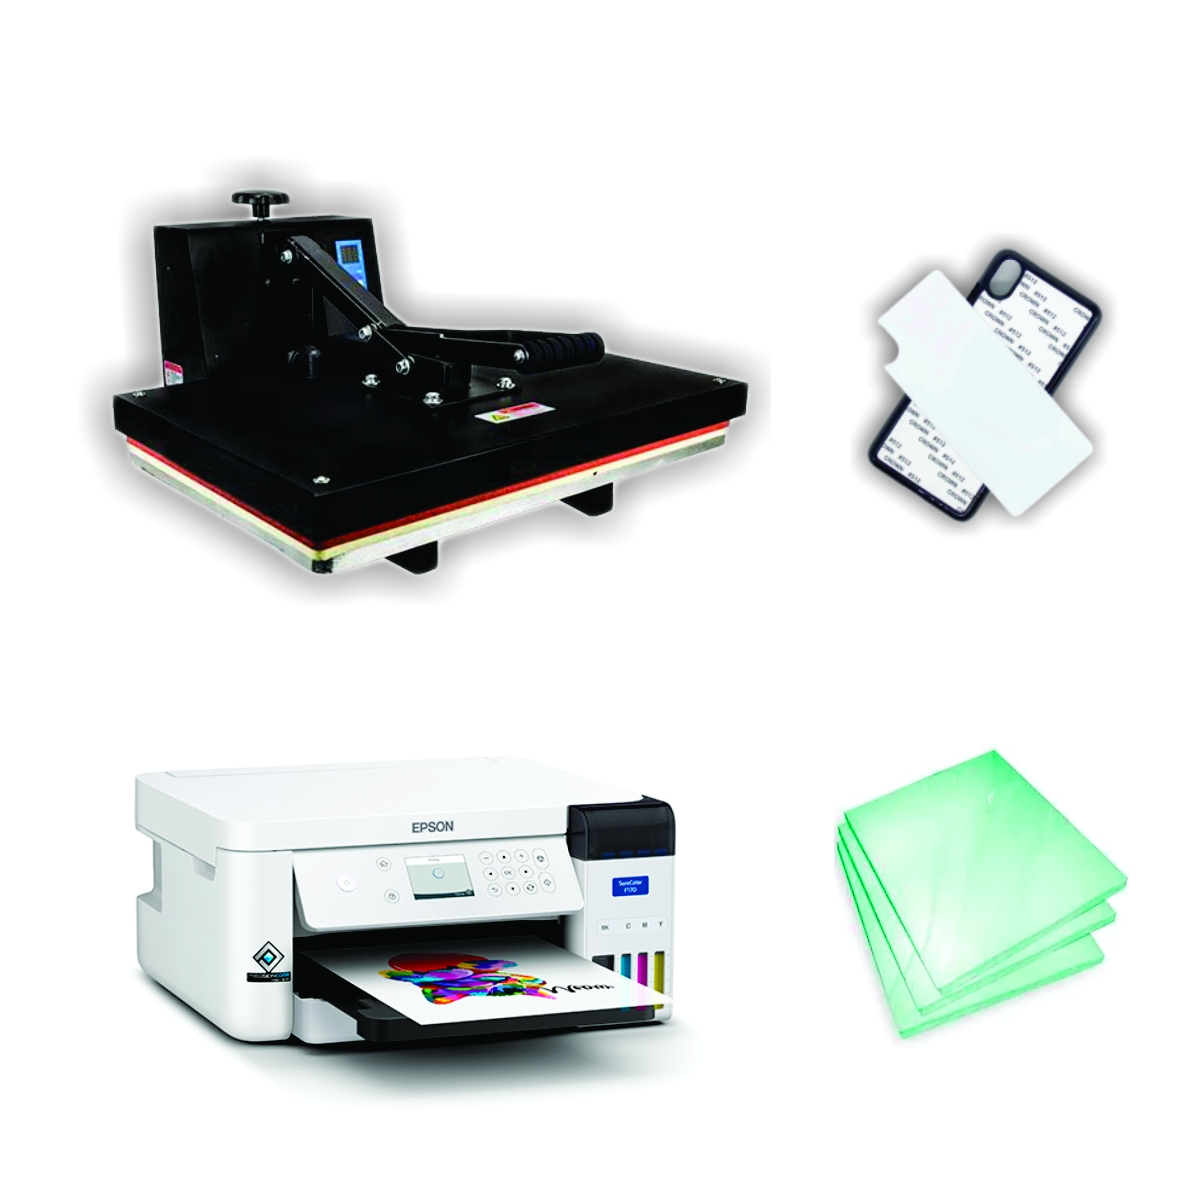 Kit Sublimação A3 (prensa 40x60 + Impressora Epson F170 - Sublimática Original de Fábrica+ suprimentos + perfil de cores GRATIS!)  - ECONOMIZOU